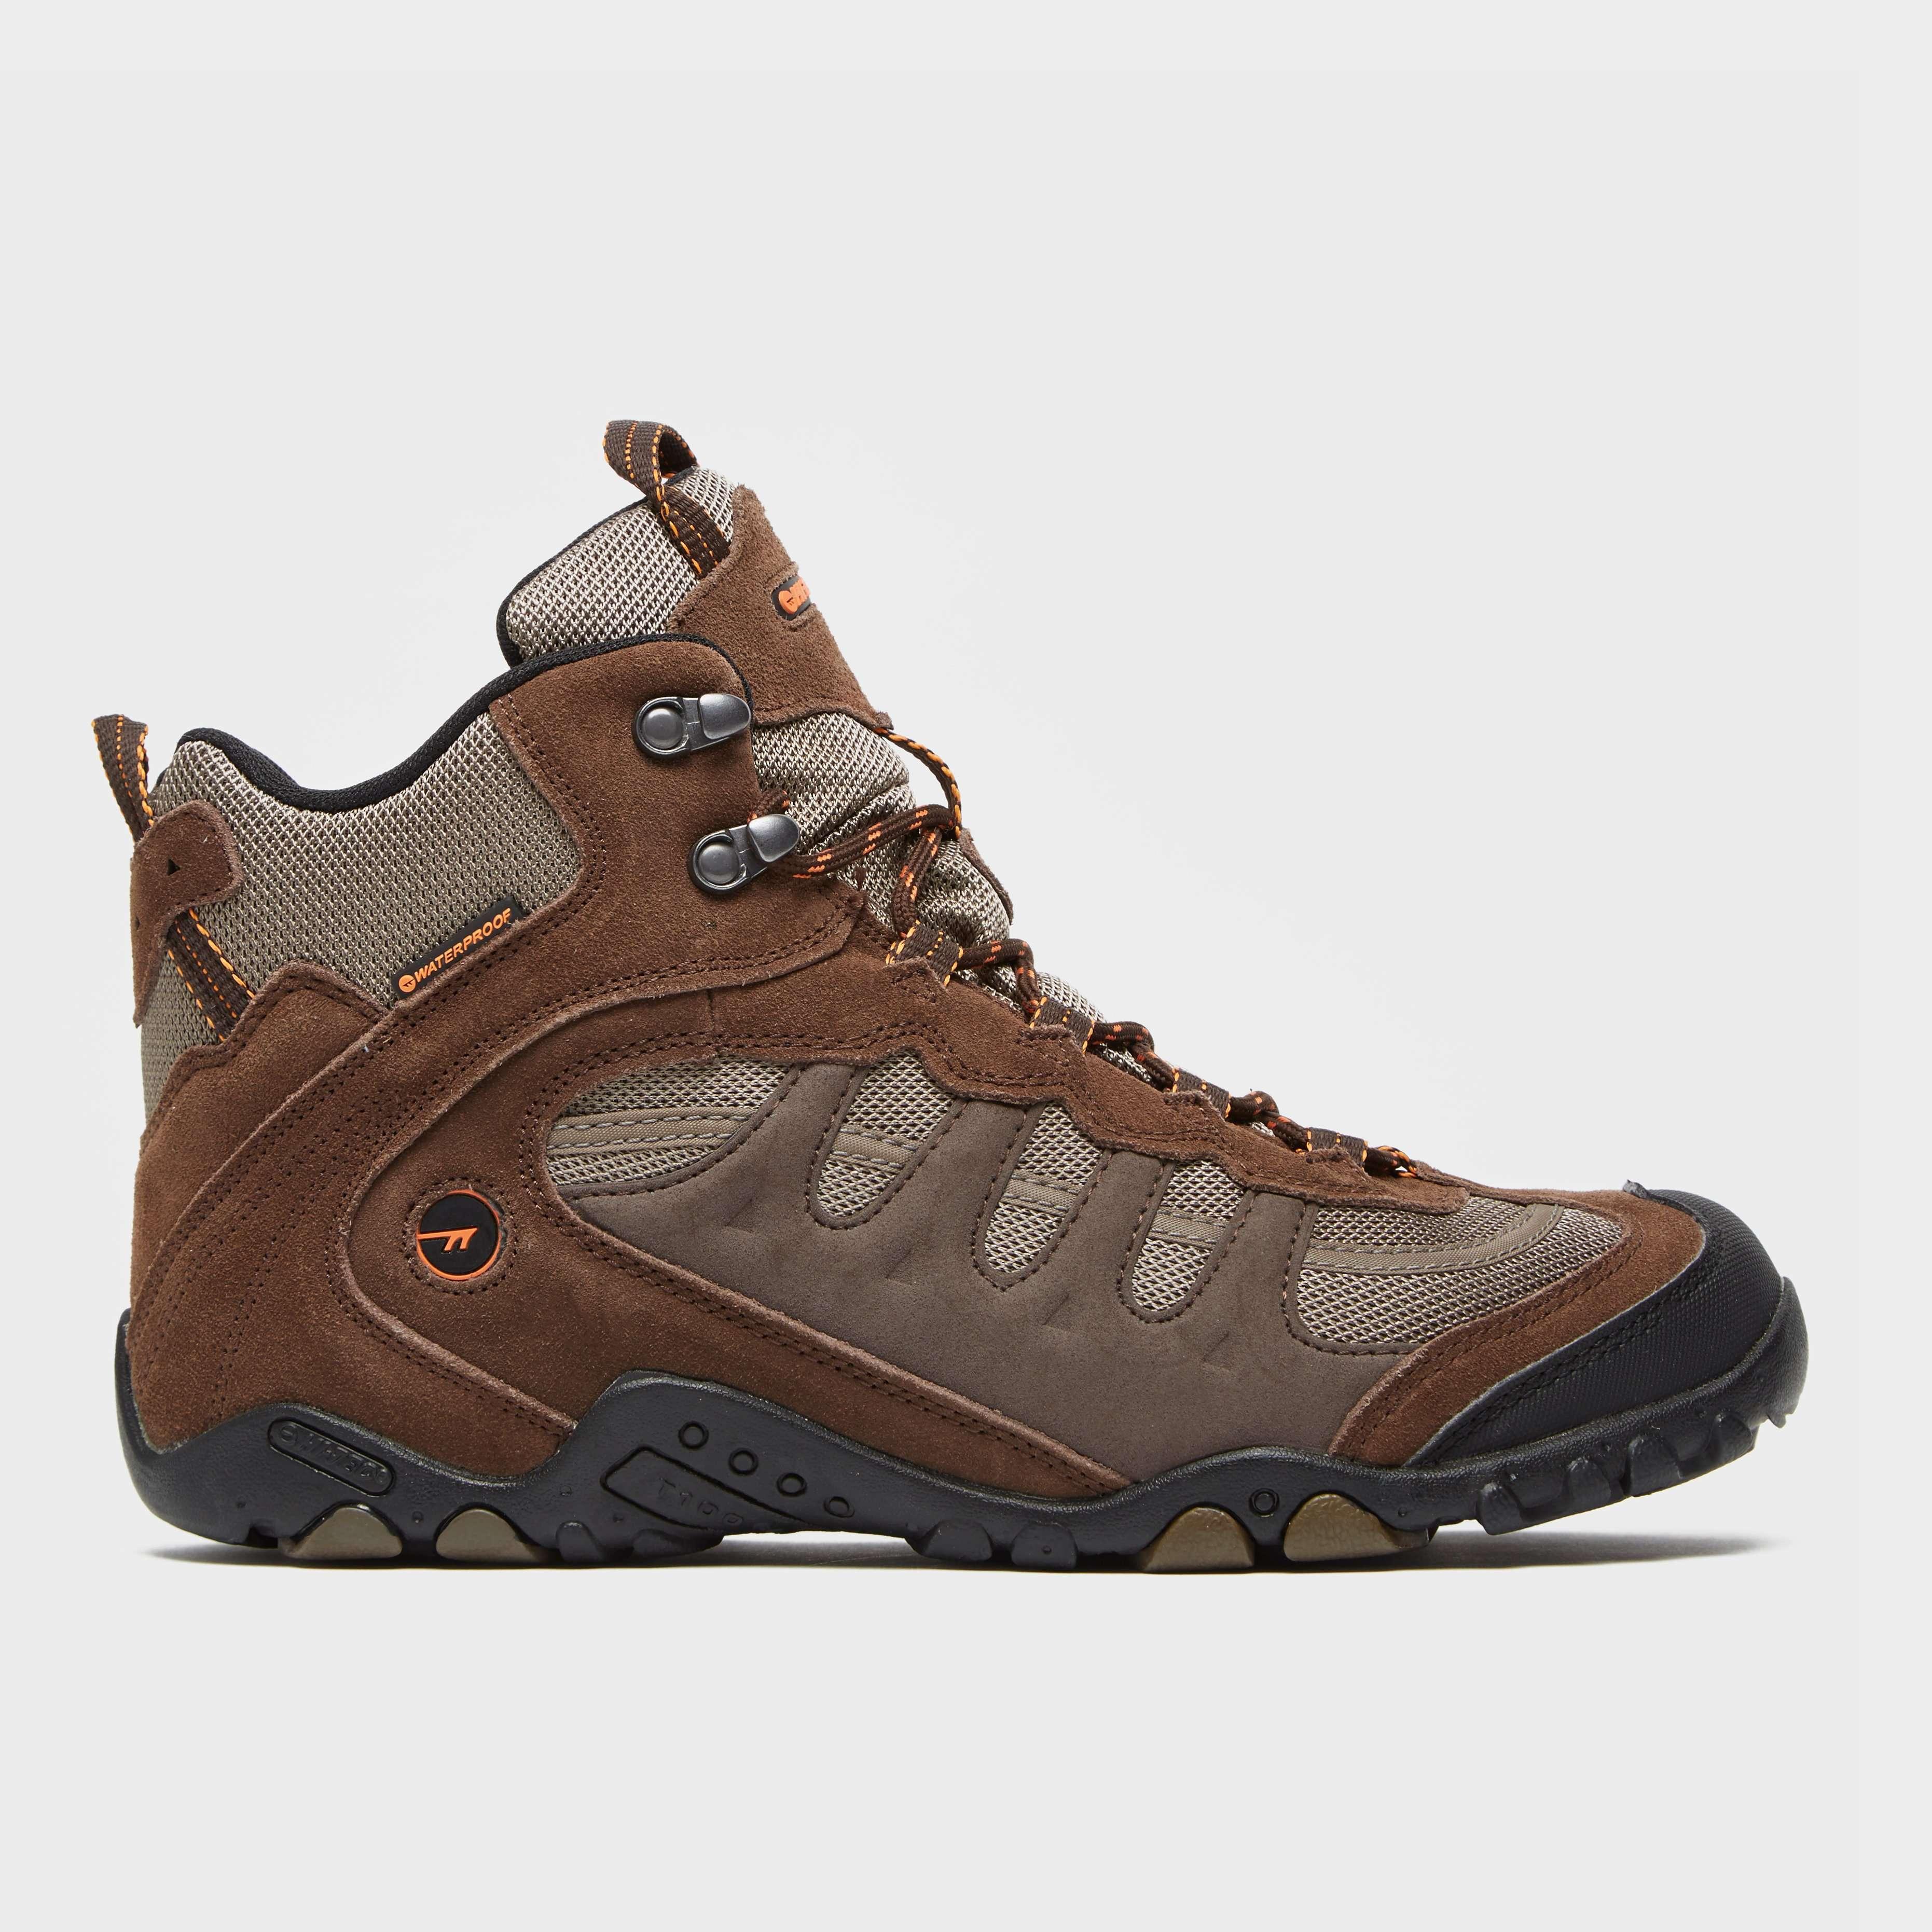 HI TEC Men's Penrith Mid Walking Boots